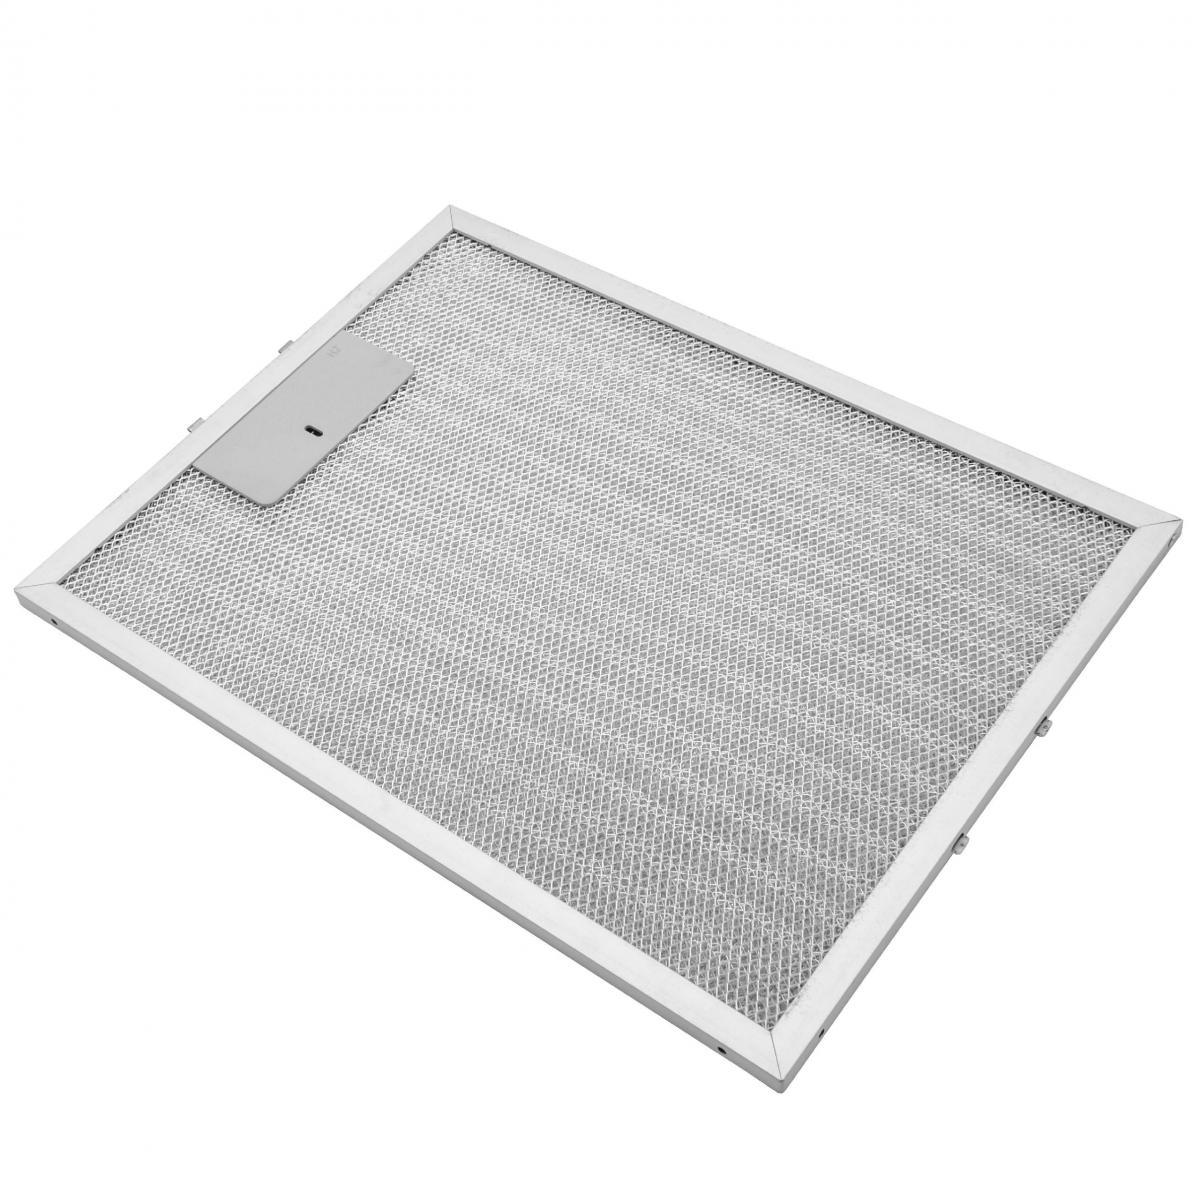 Vhbw vhbw Filtrepermanent filtre à graisse métallique 32,8 x 24,7 x 0,9 cm convient pour Alno AE 601 A 94264099500 hottes de